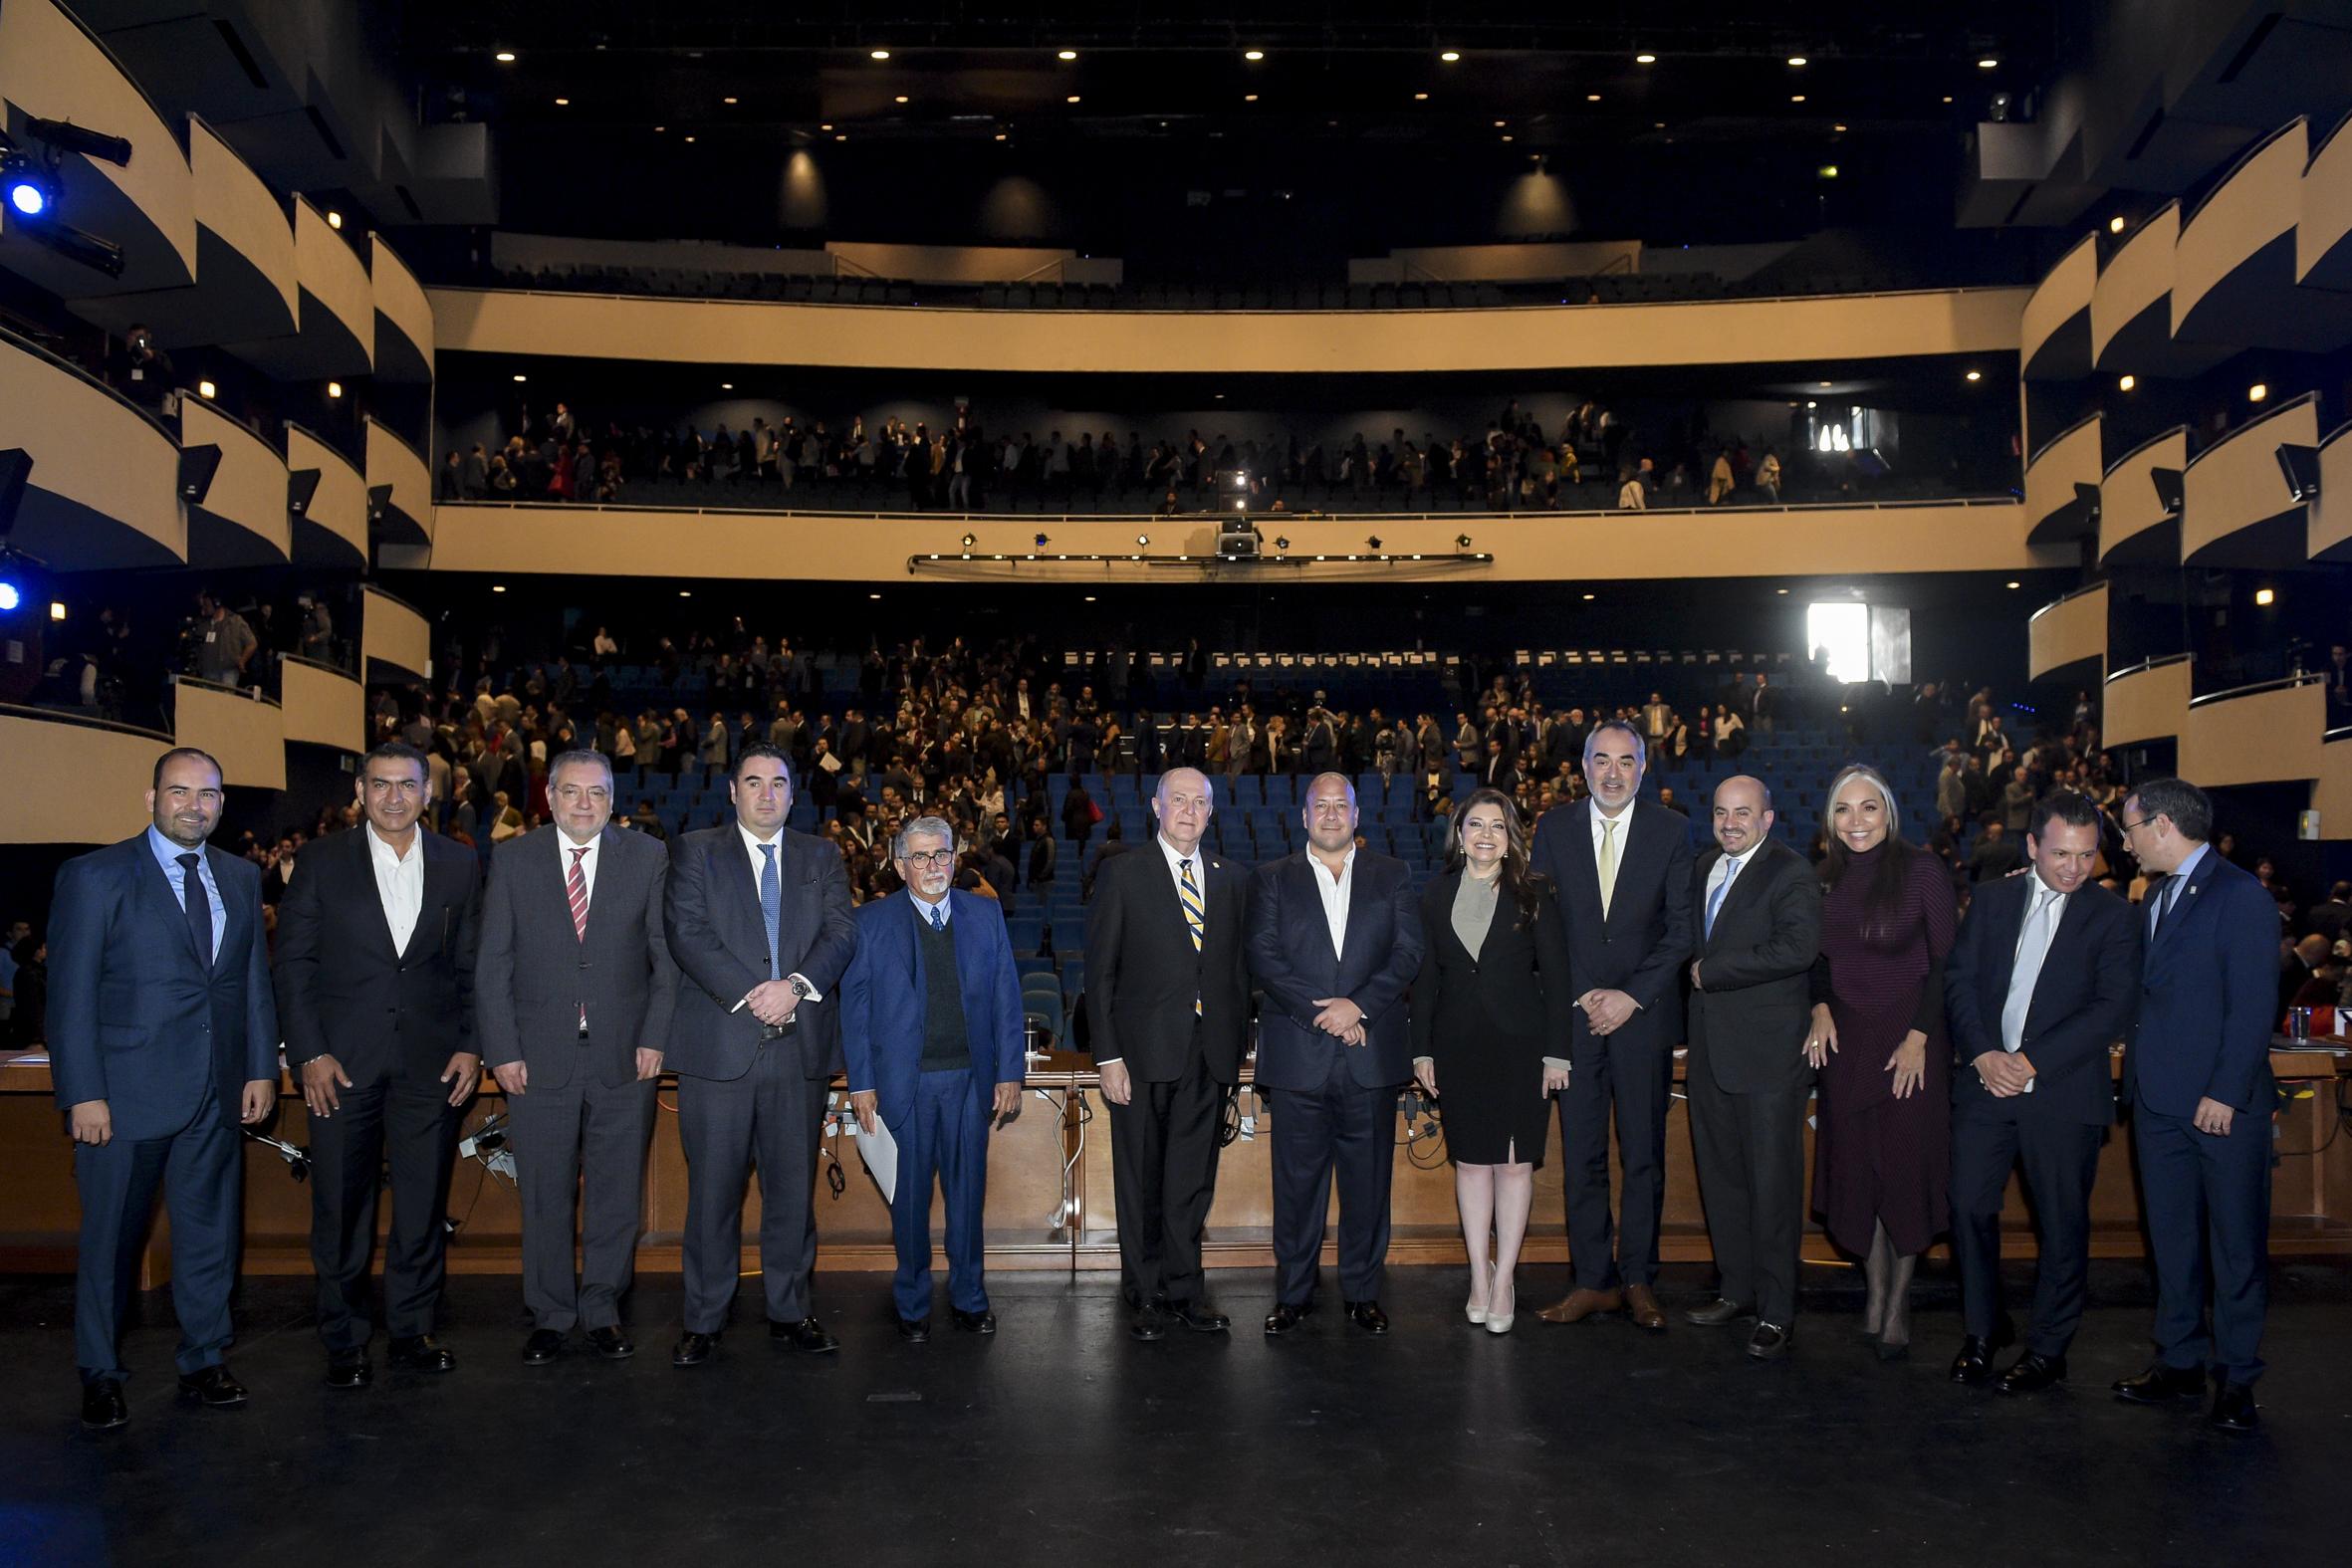 Fotografia final de los miembros del presidium con el publico del teatro diana de fondo